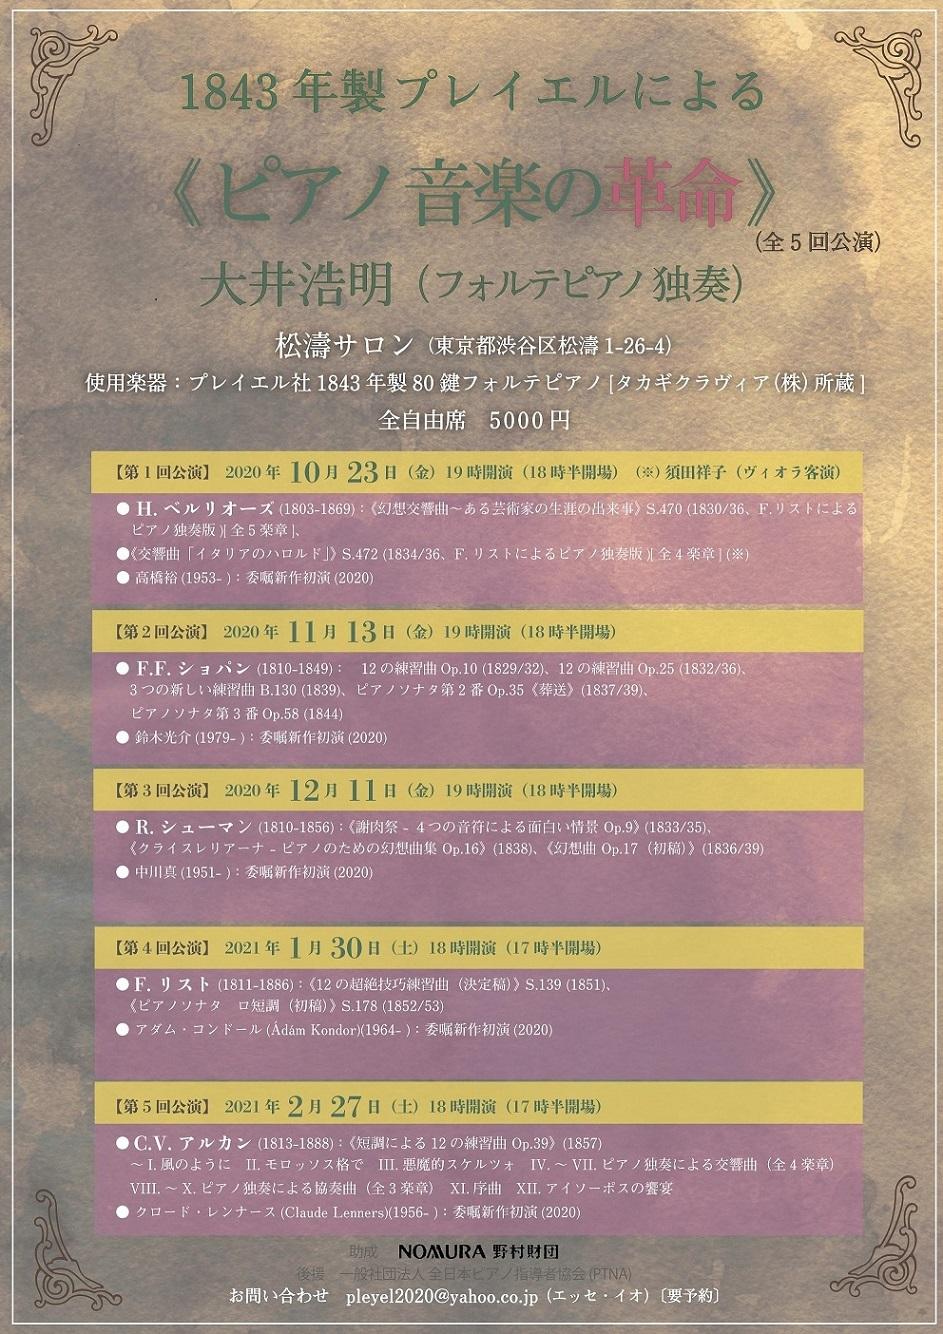 1843年製プレイエルによる《ピアノ音楽の革命》(全5回公演) (2021/02/19 update)_c0050810_14290832.jpg